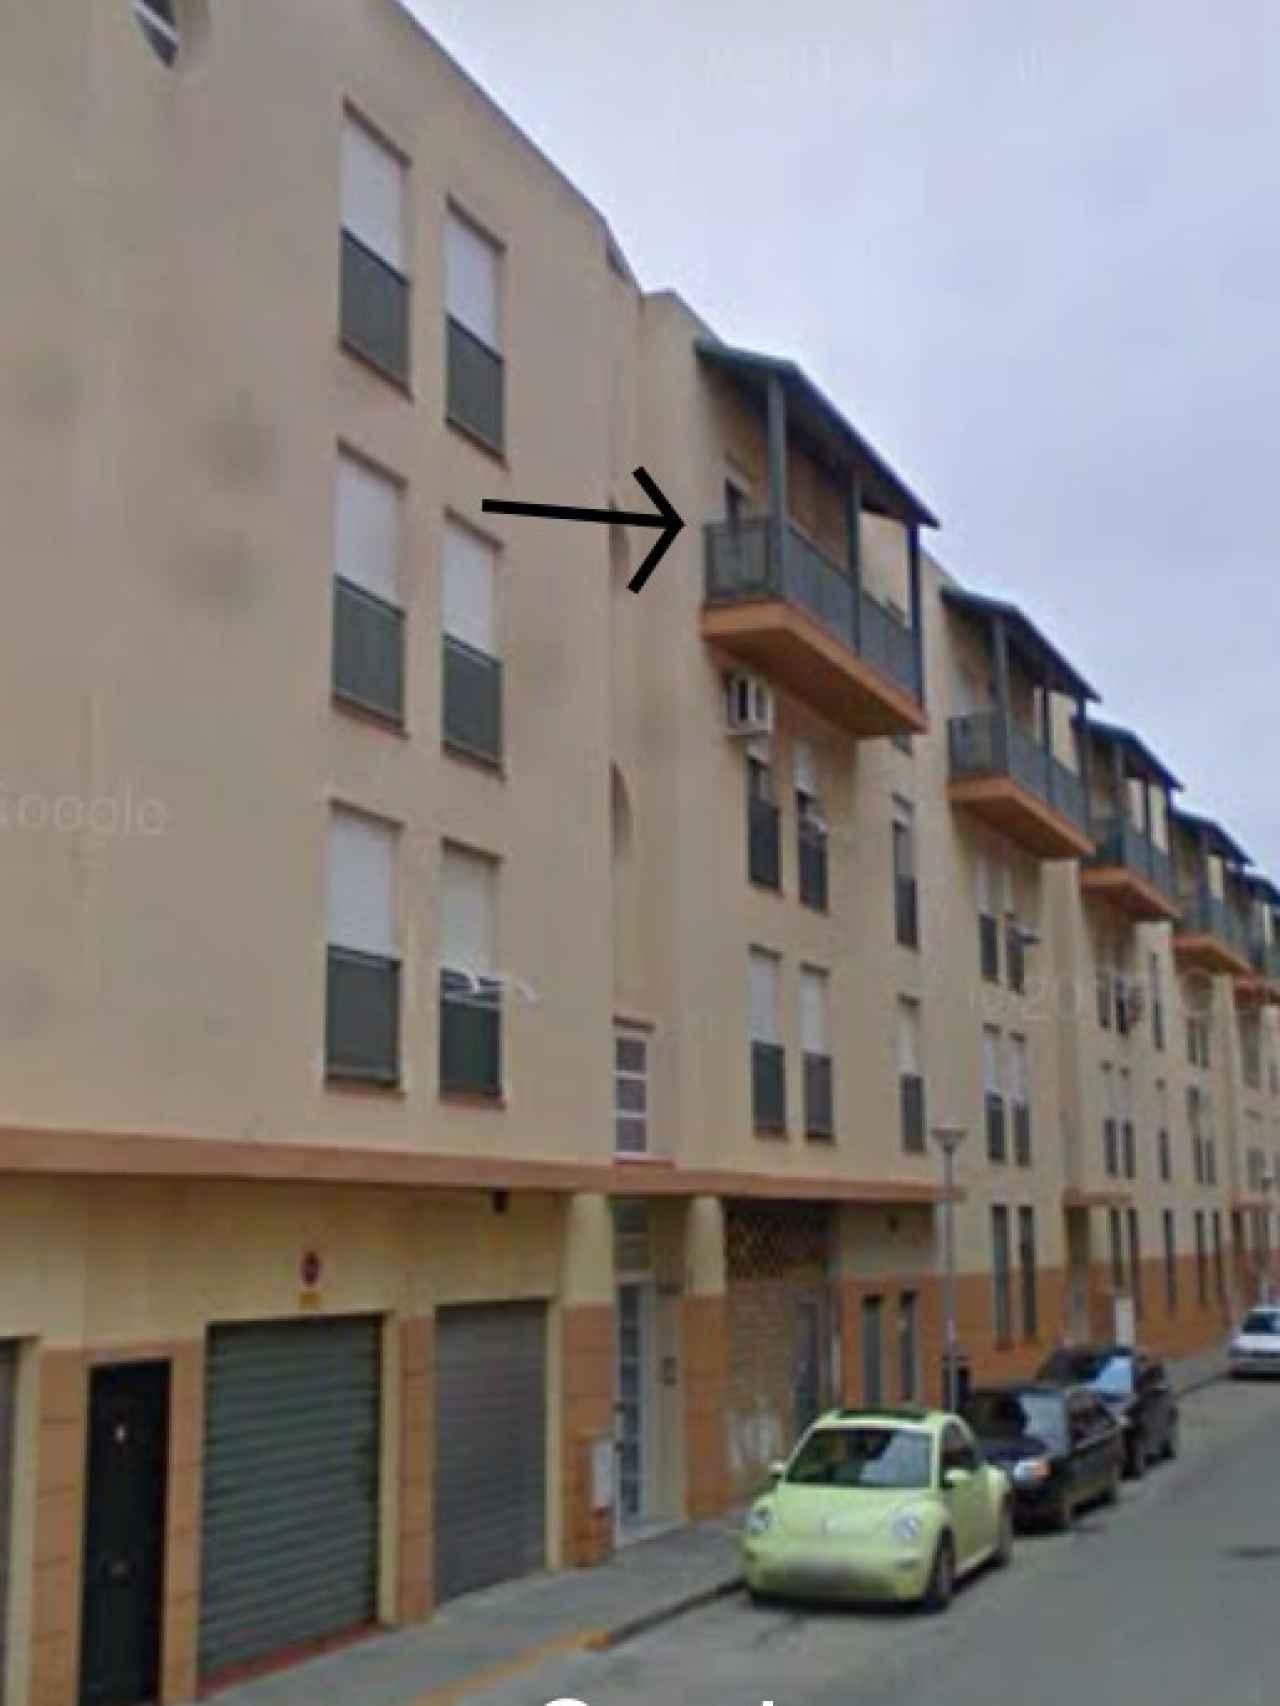 La niña cayó al vacío desde una tercera planta de este edificio en la calle Marisma de Puerto Real (Cádiz).